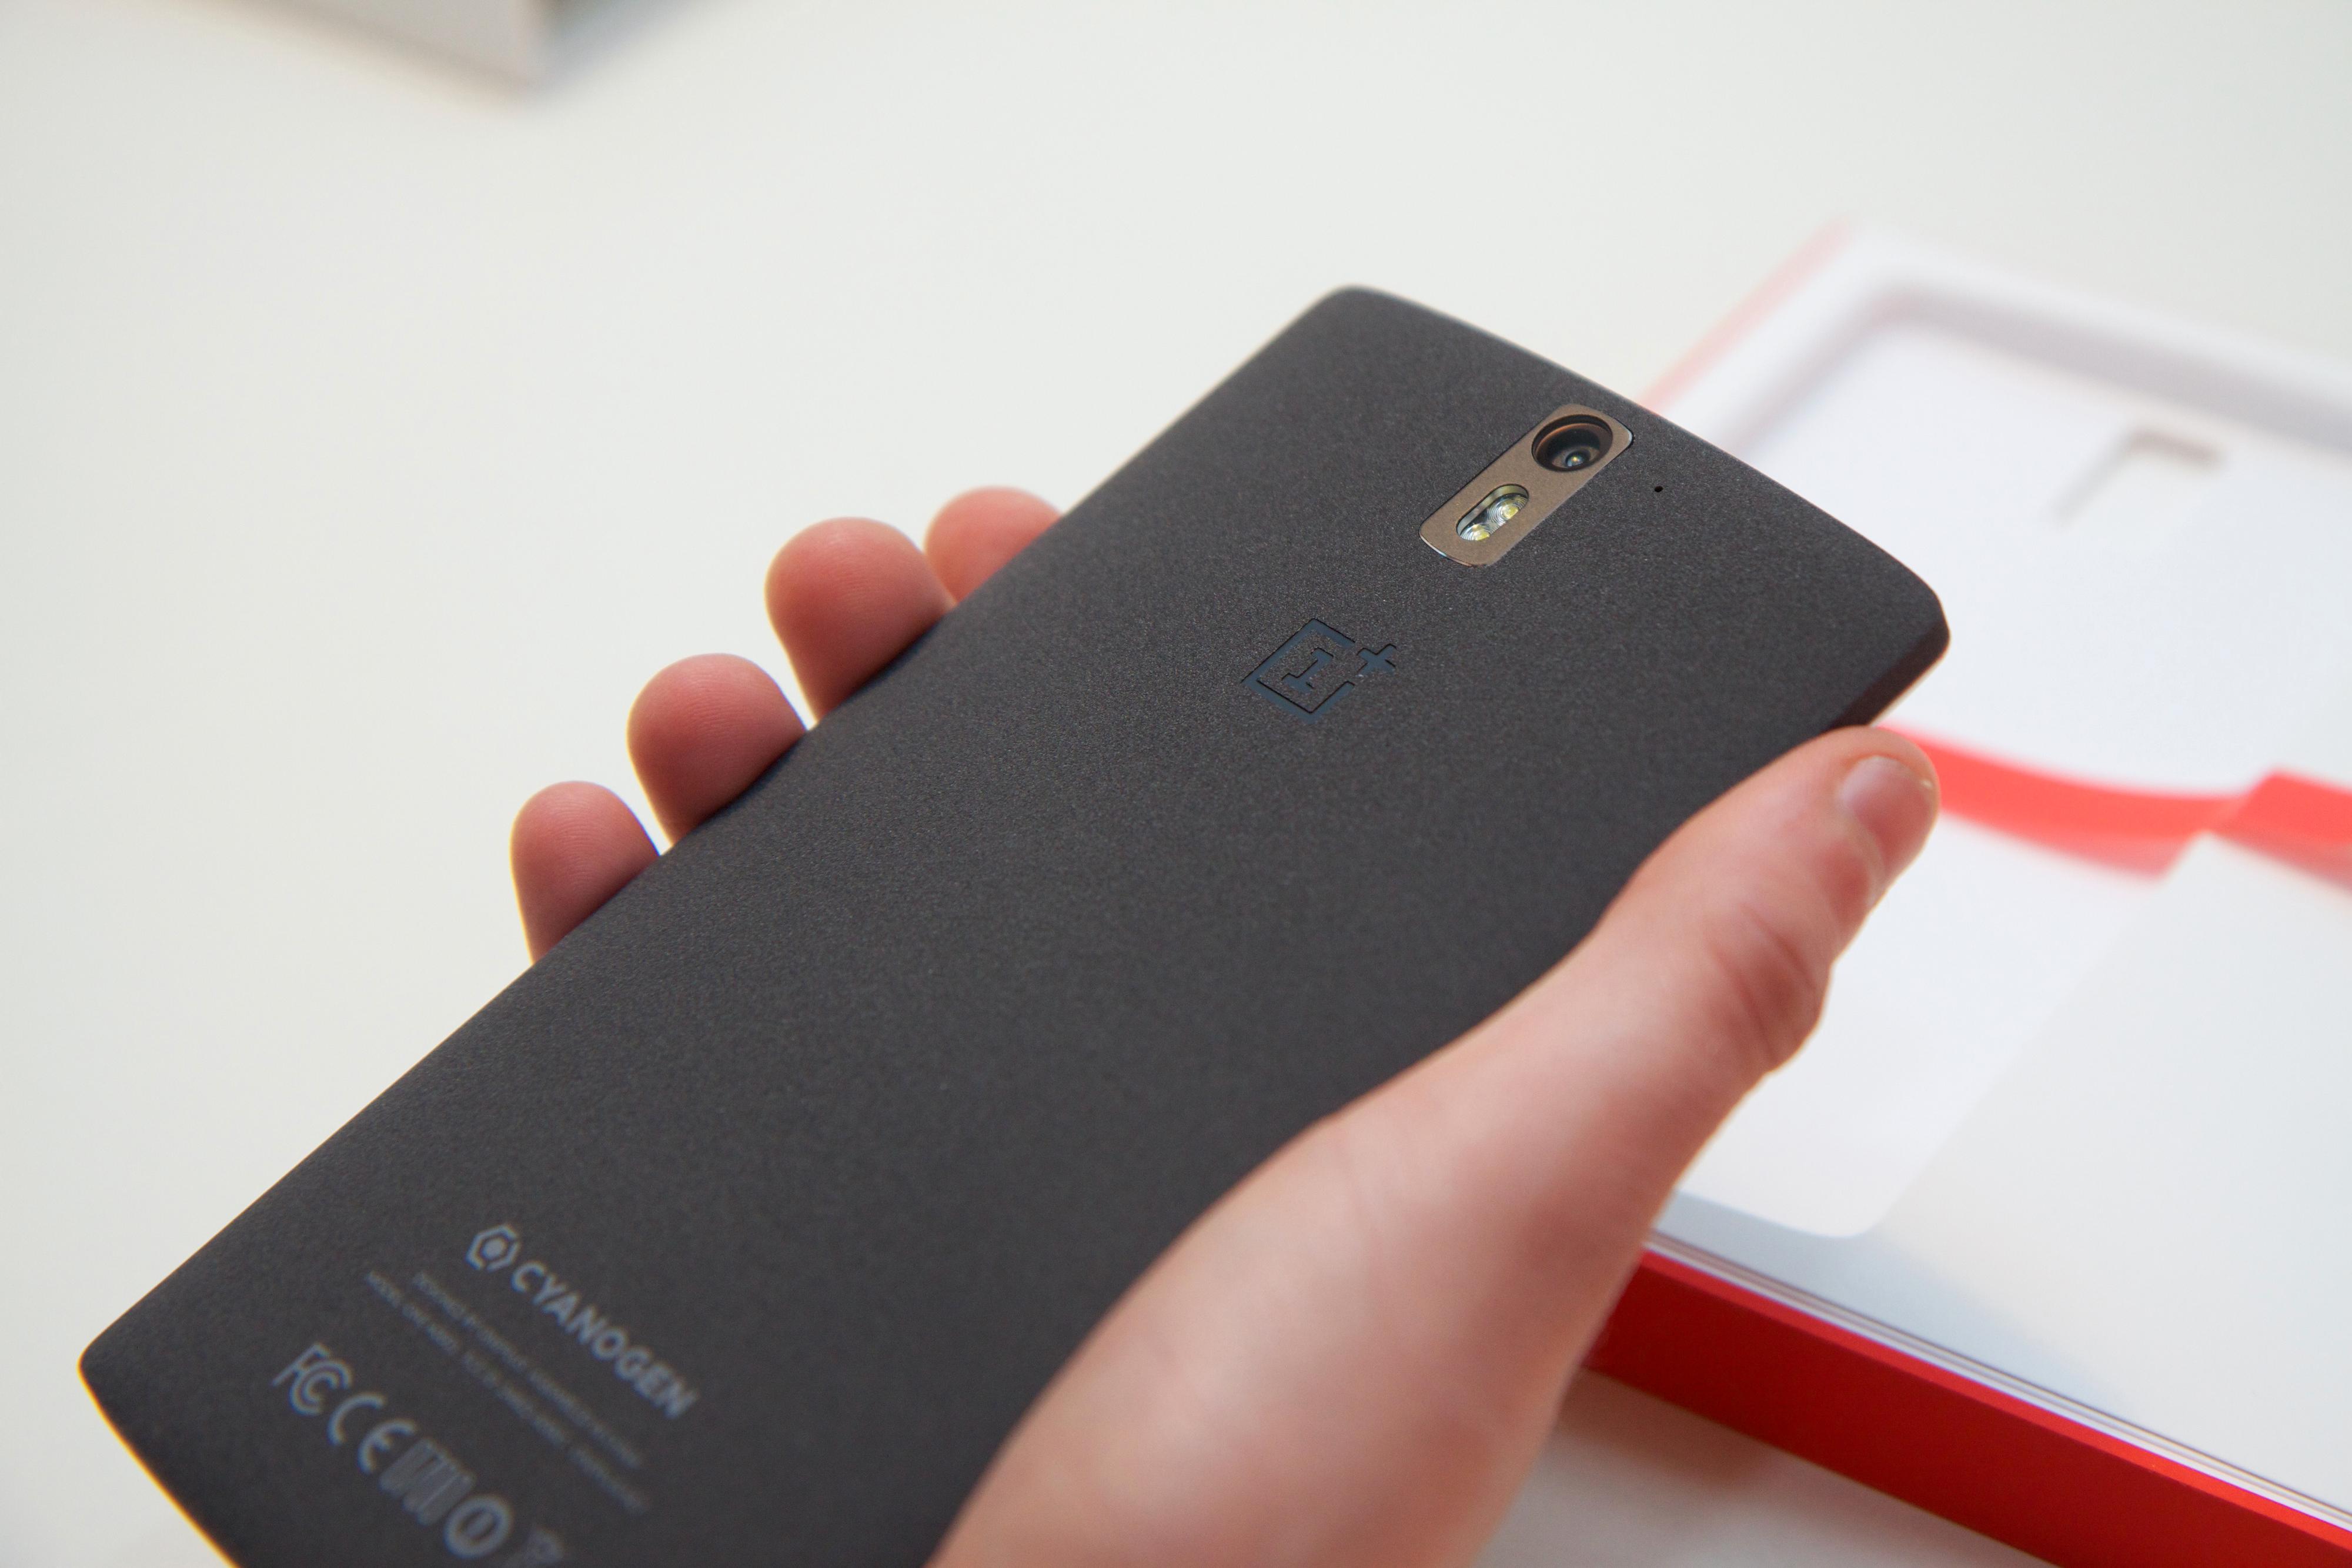 Den ruglete baksiden gjør OnePlus One god å holde i.Foto: Kurt Lekanger, Tek.no